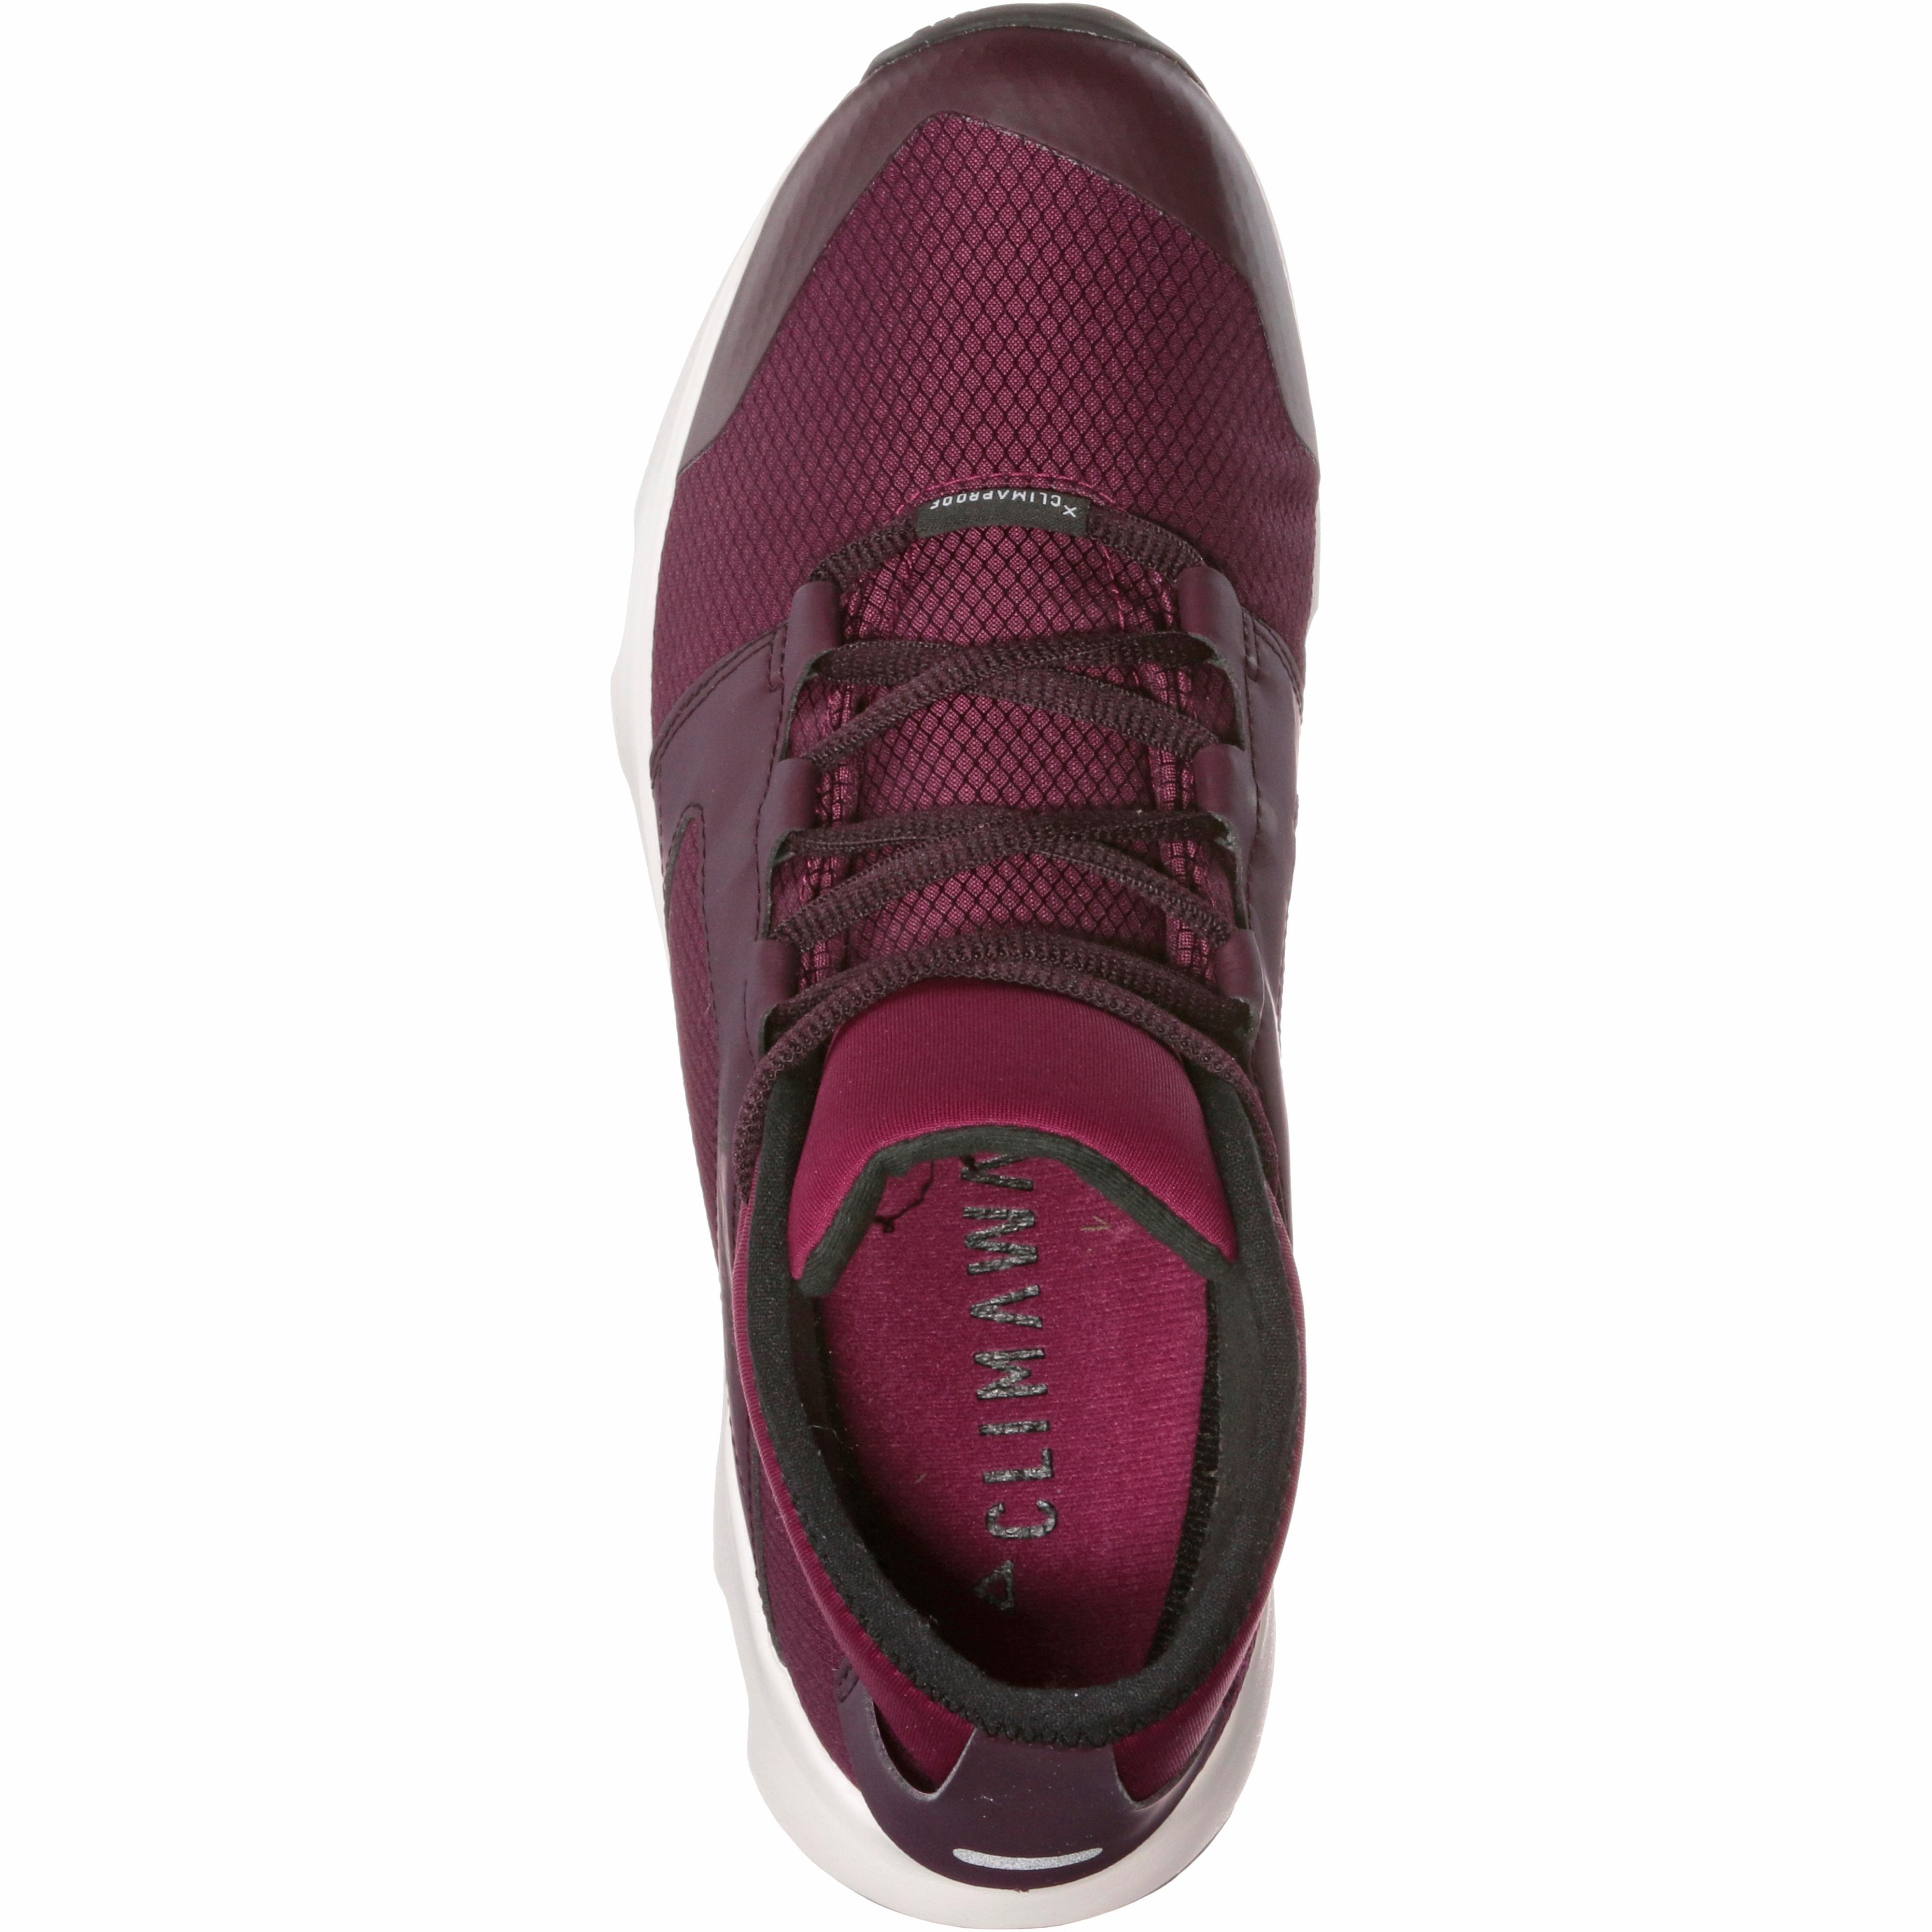 Adidas Terrex Terrex Terrex Voyager CW C Winterschuhe Damen mystery ruby im Online Shop von SportScheck kaufen Gute Qualität beliebte Schuhe 645501